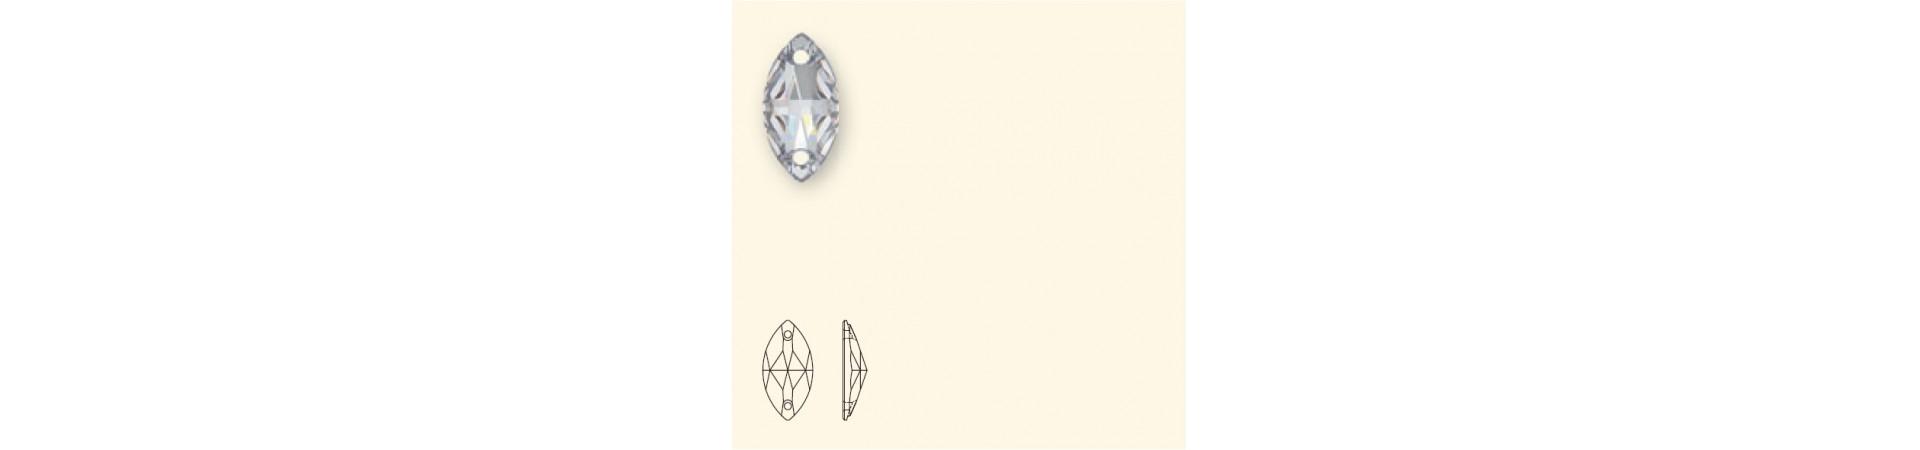 3223 Navette Õmmeldav Kristall